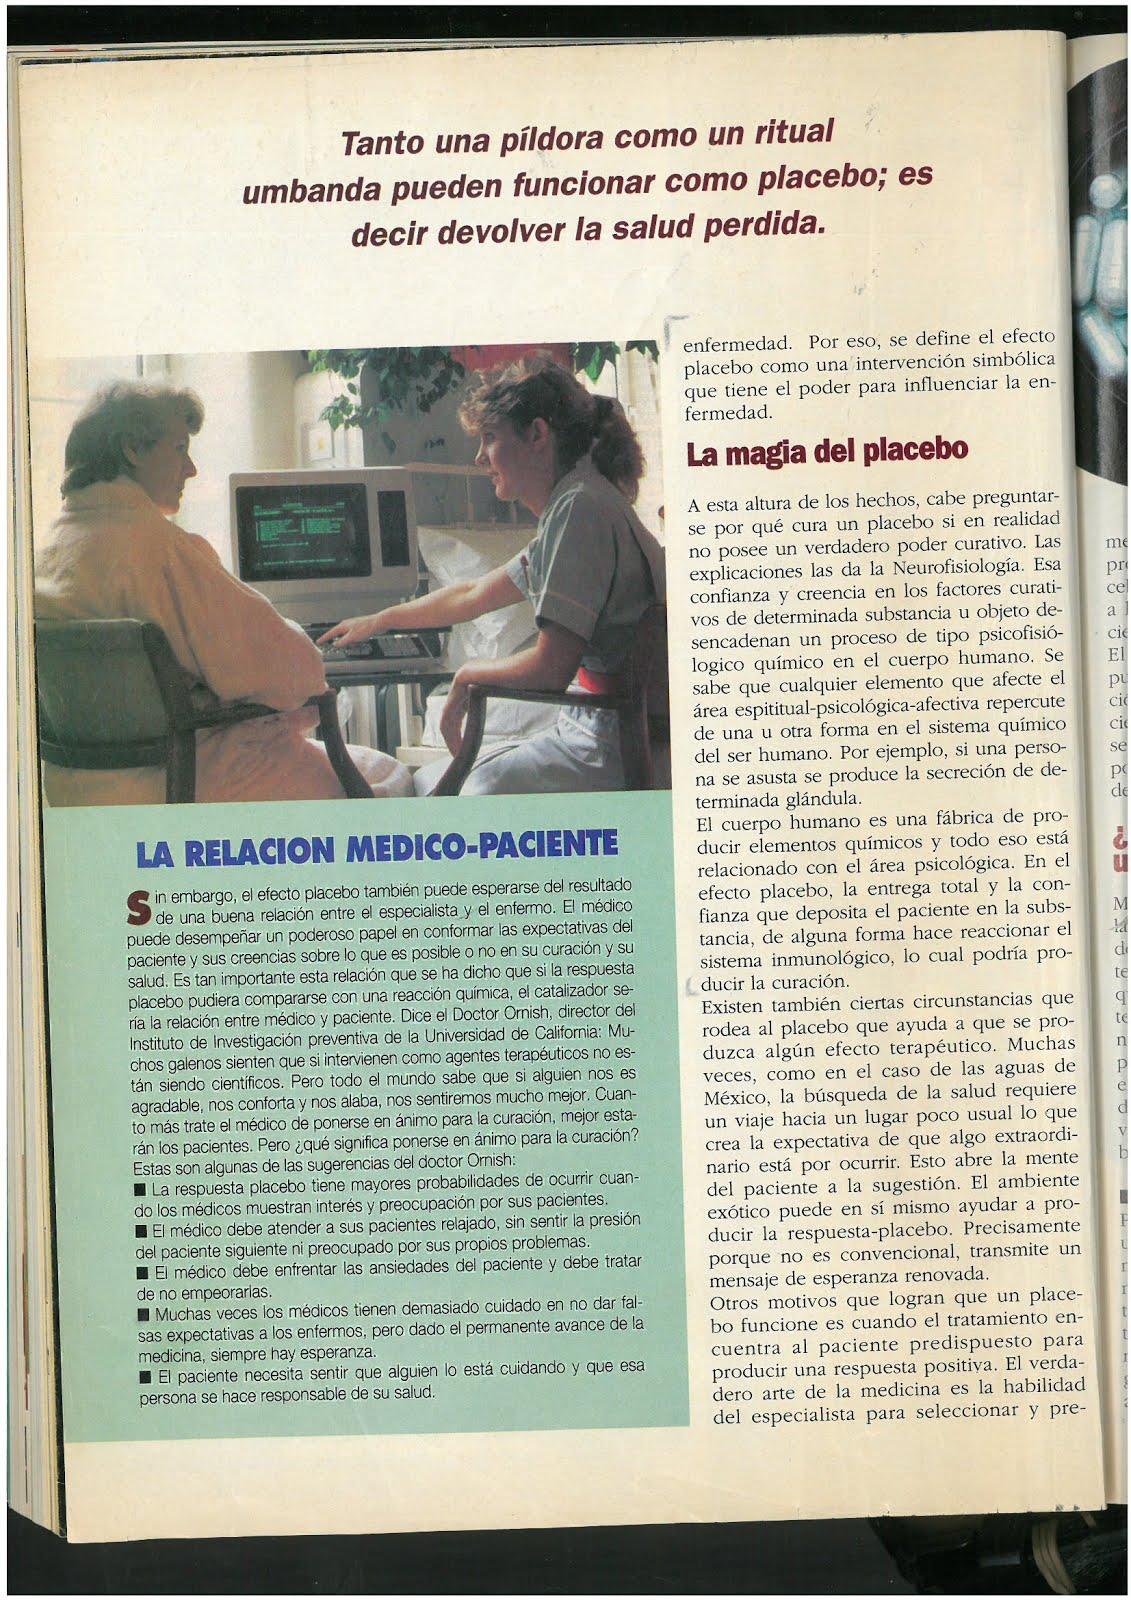 3.2 - Página 2